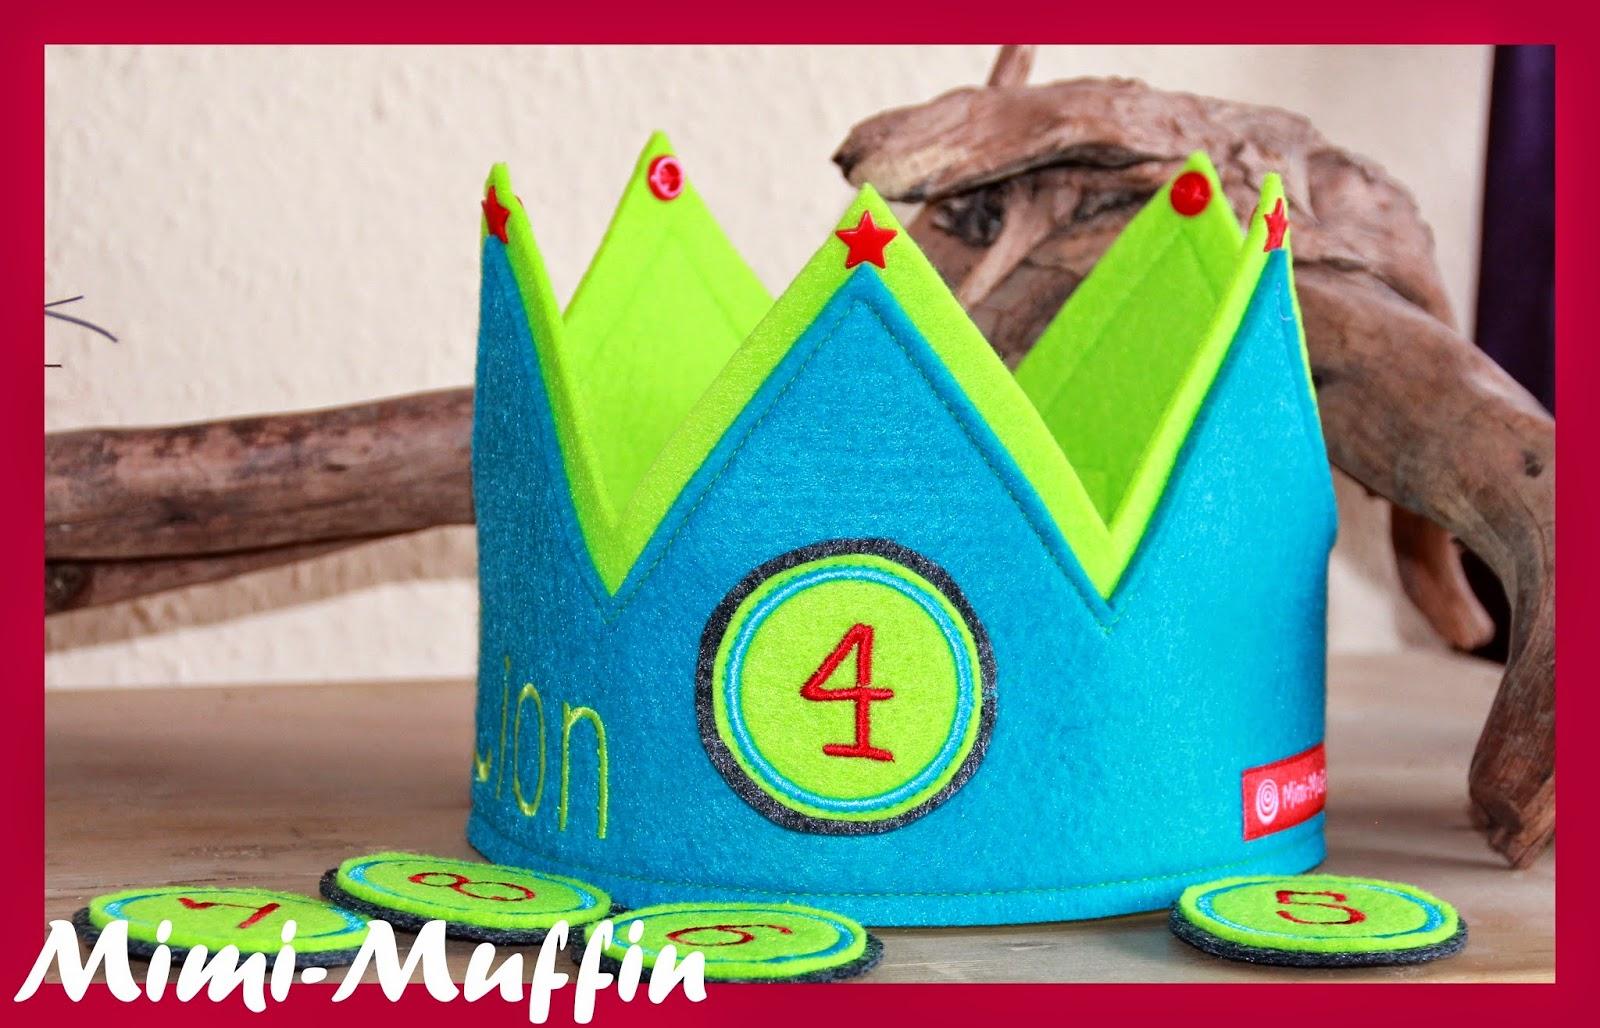 Mimi muffin geburtstagskrone mit klettzahlen - Piratenzimmer deko ...